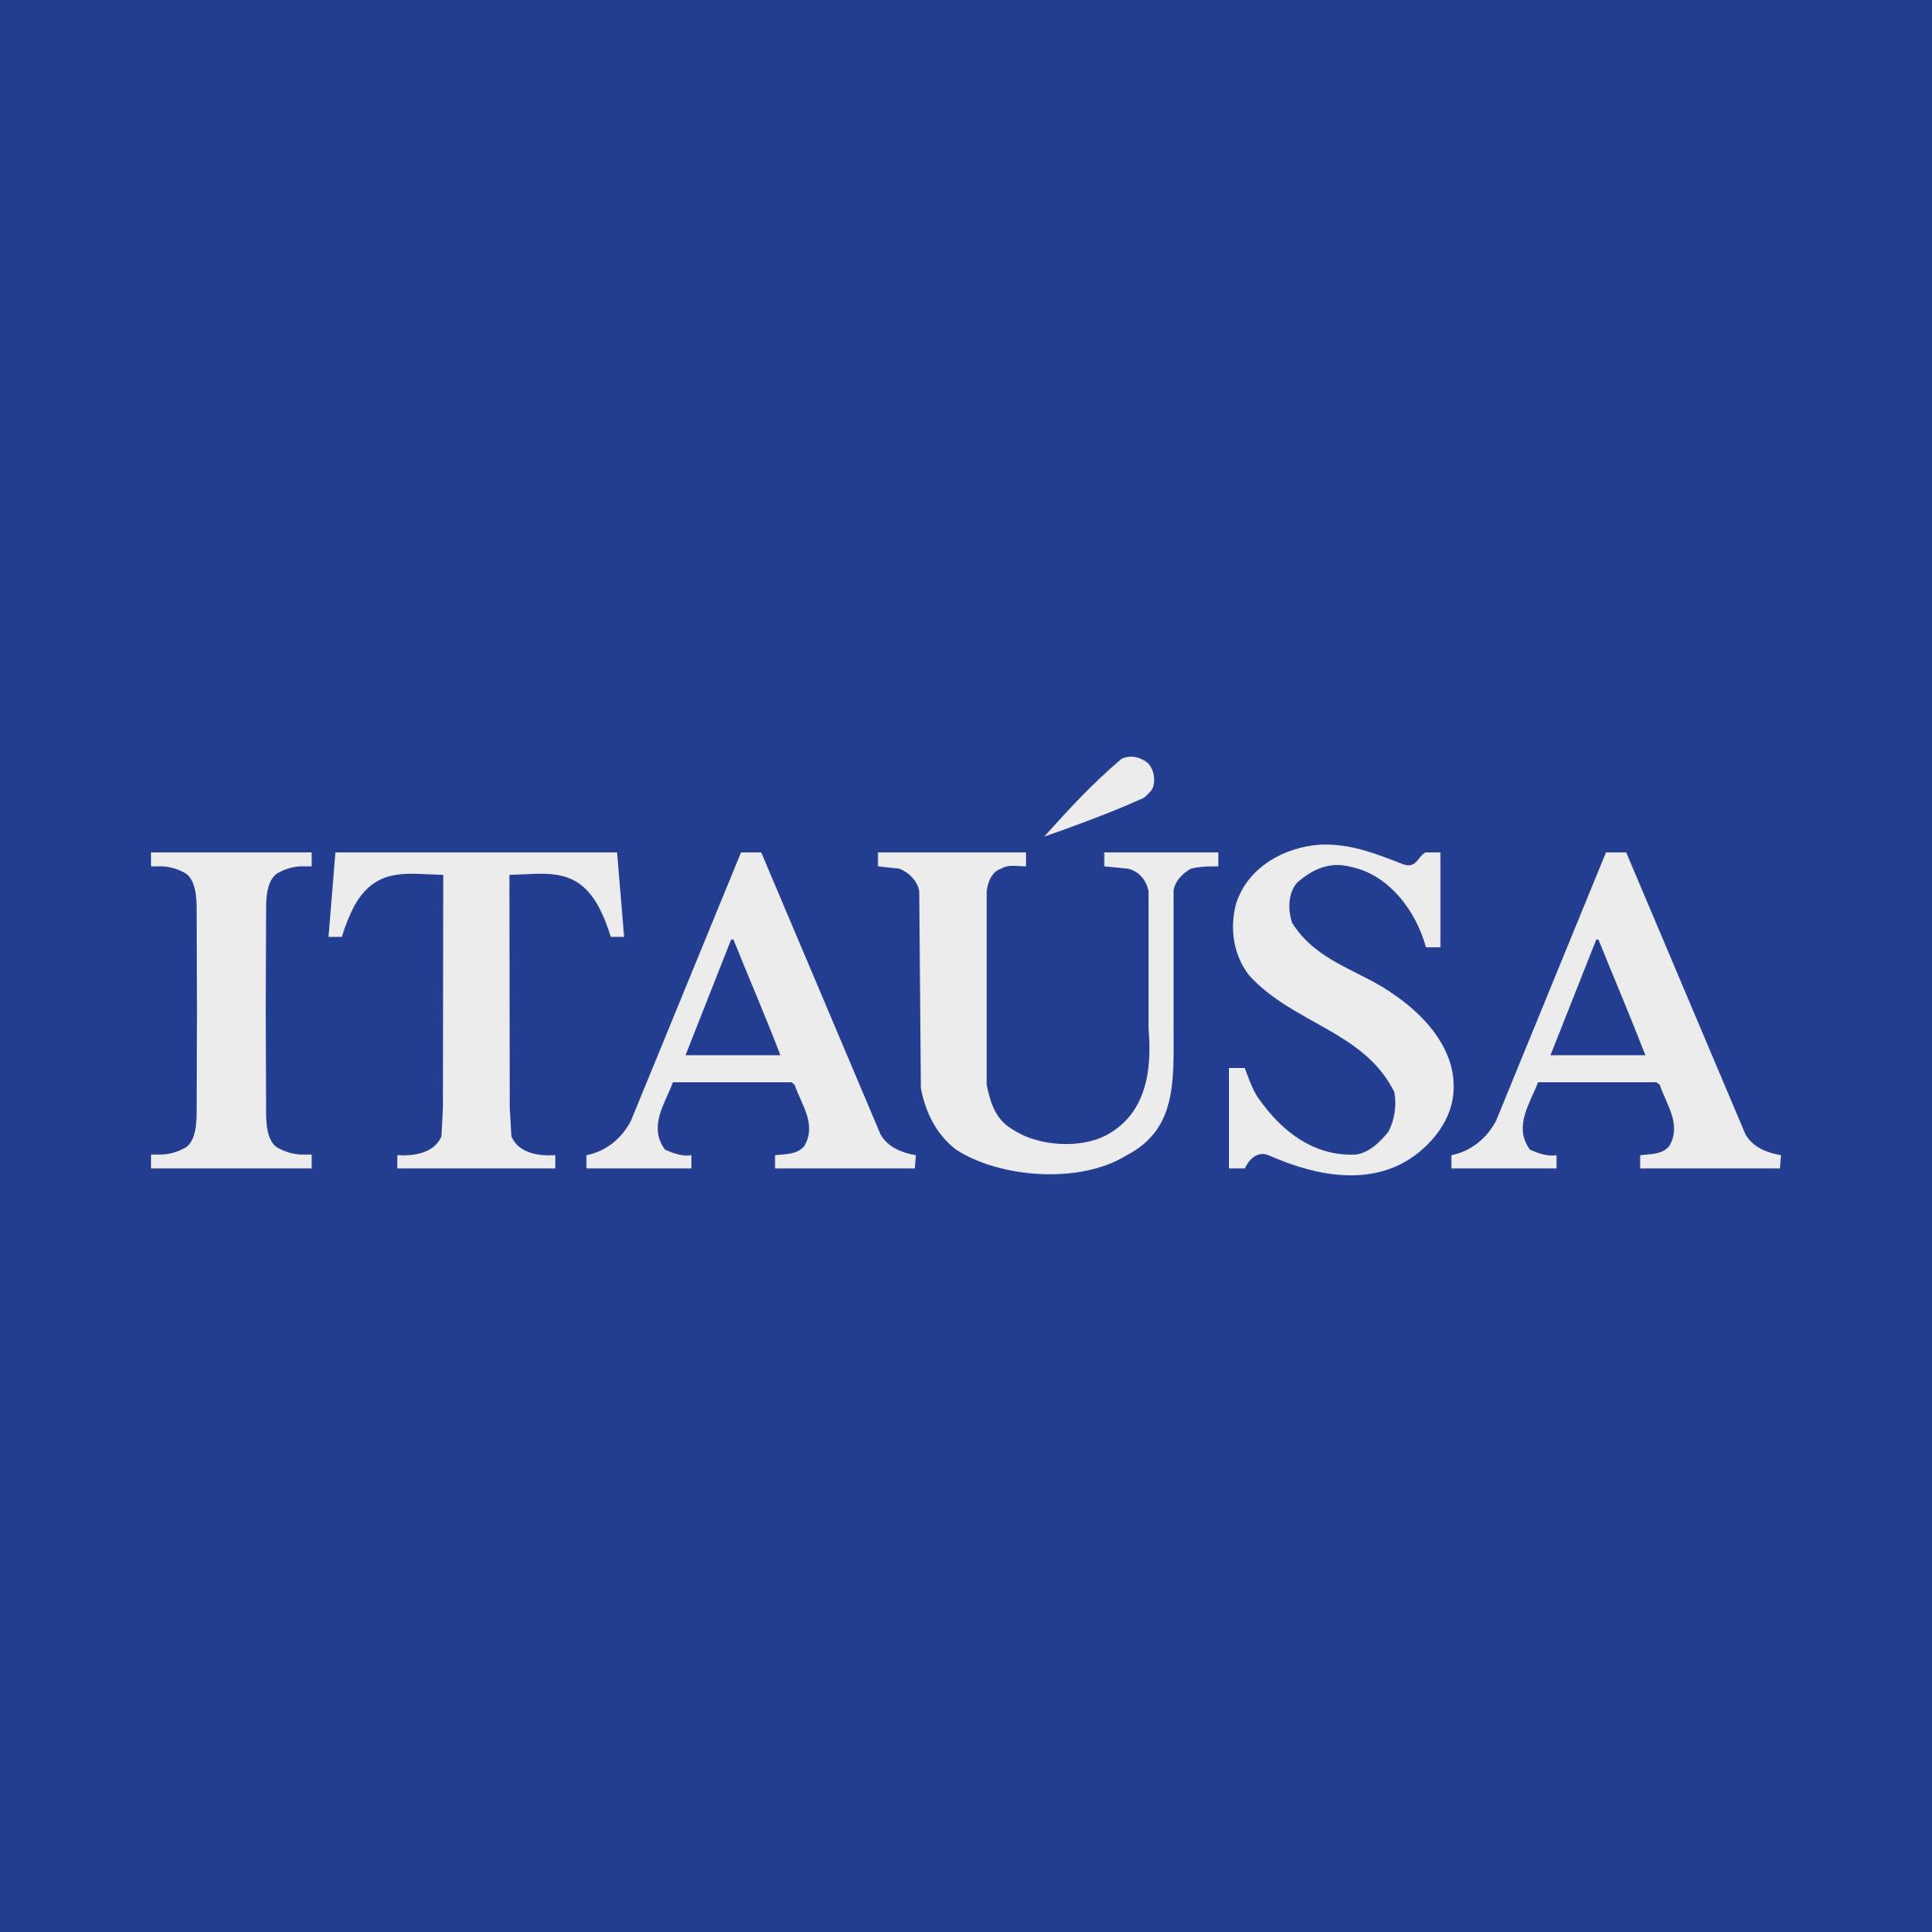 itausa logo 1 - Itaúsa Logo